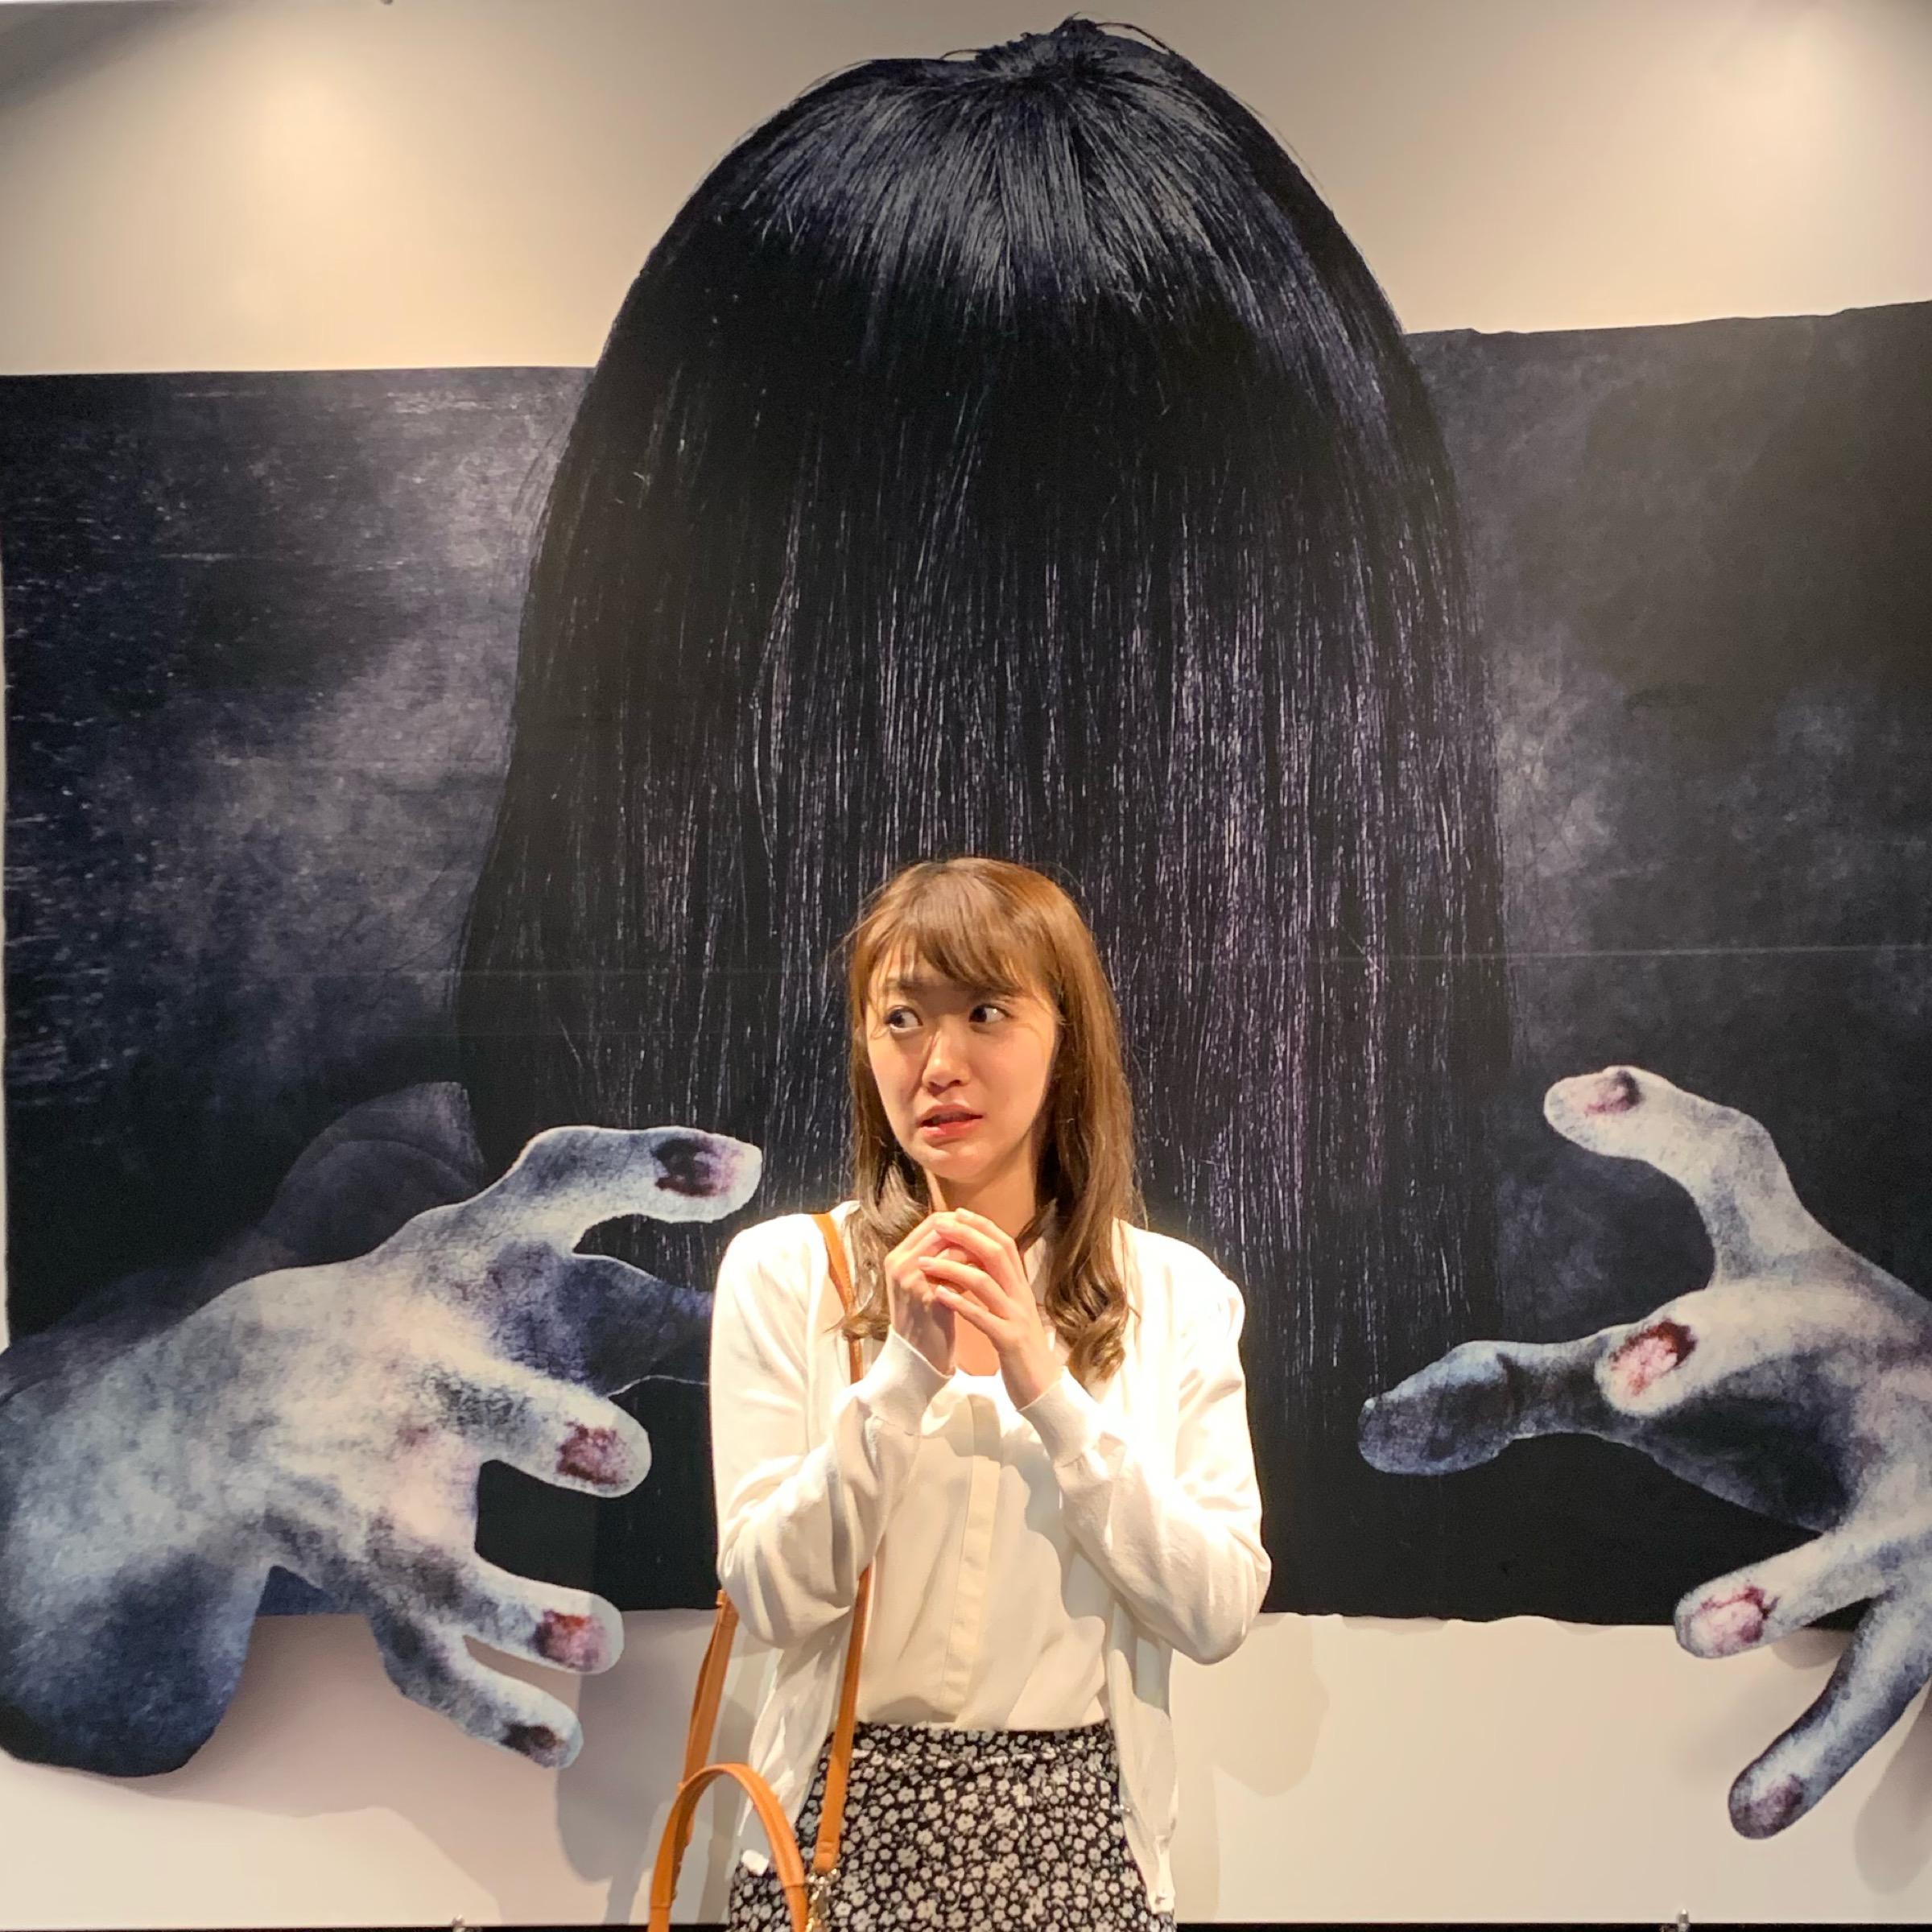 《思わずヒヤッ?!》なインスタ映え 貞子展で貞子体験してきた!_2